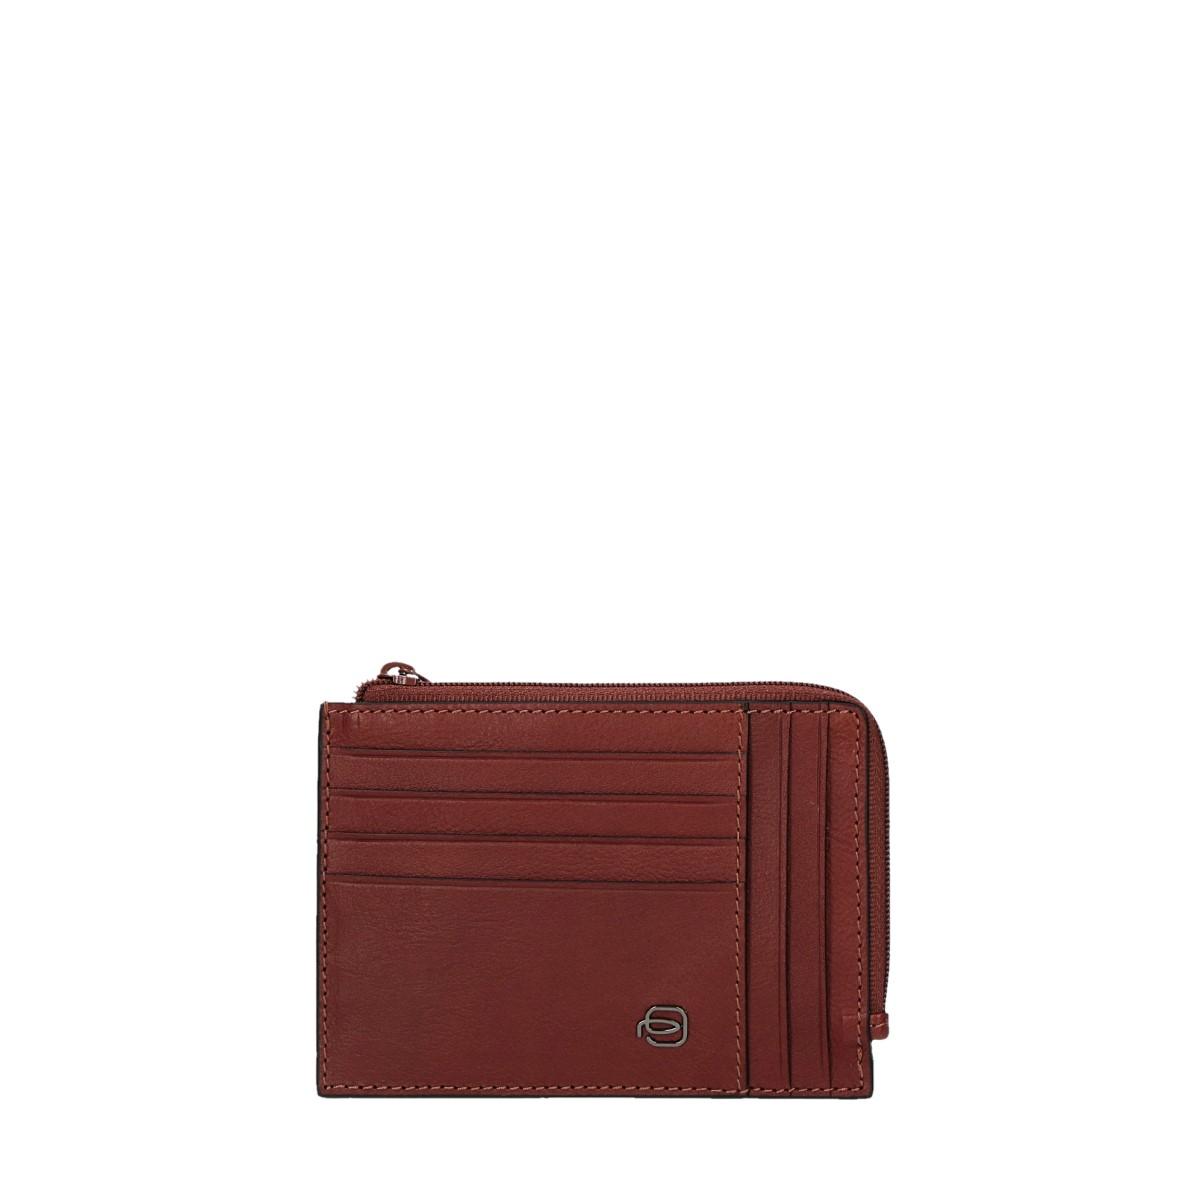 Piquadro Portafoglio porta carte di credito Marrone